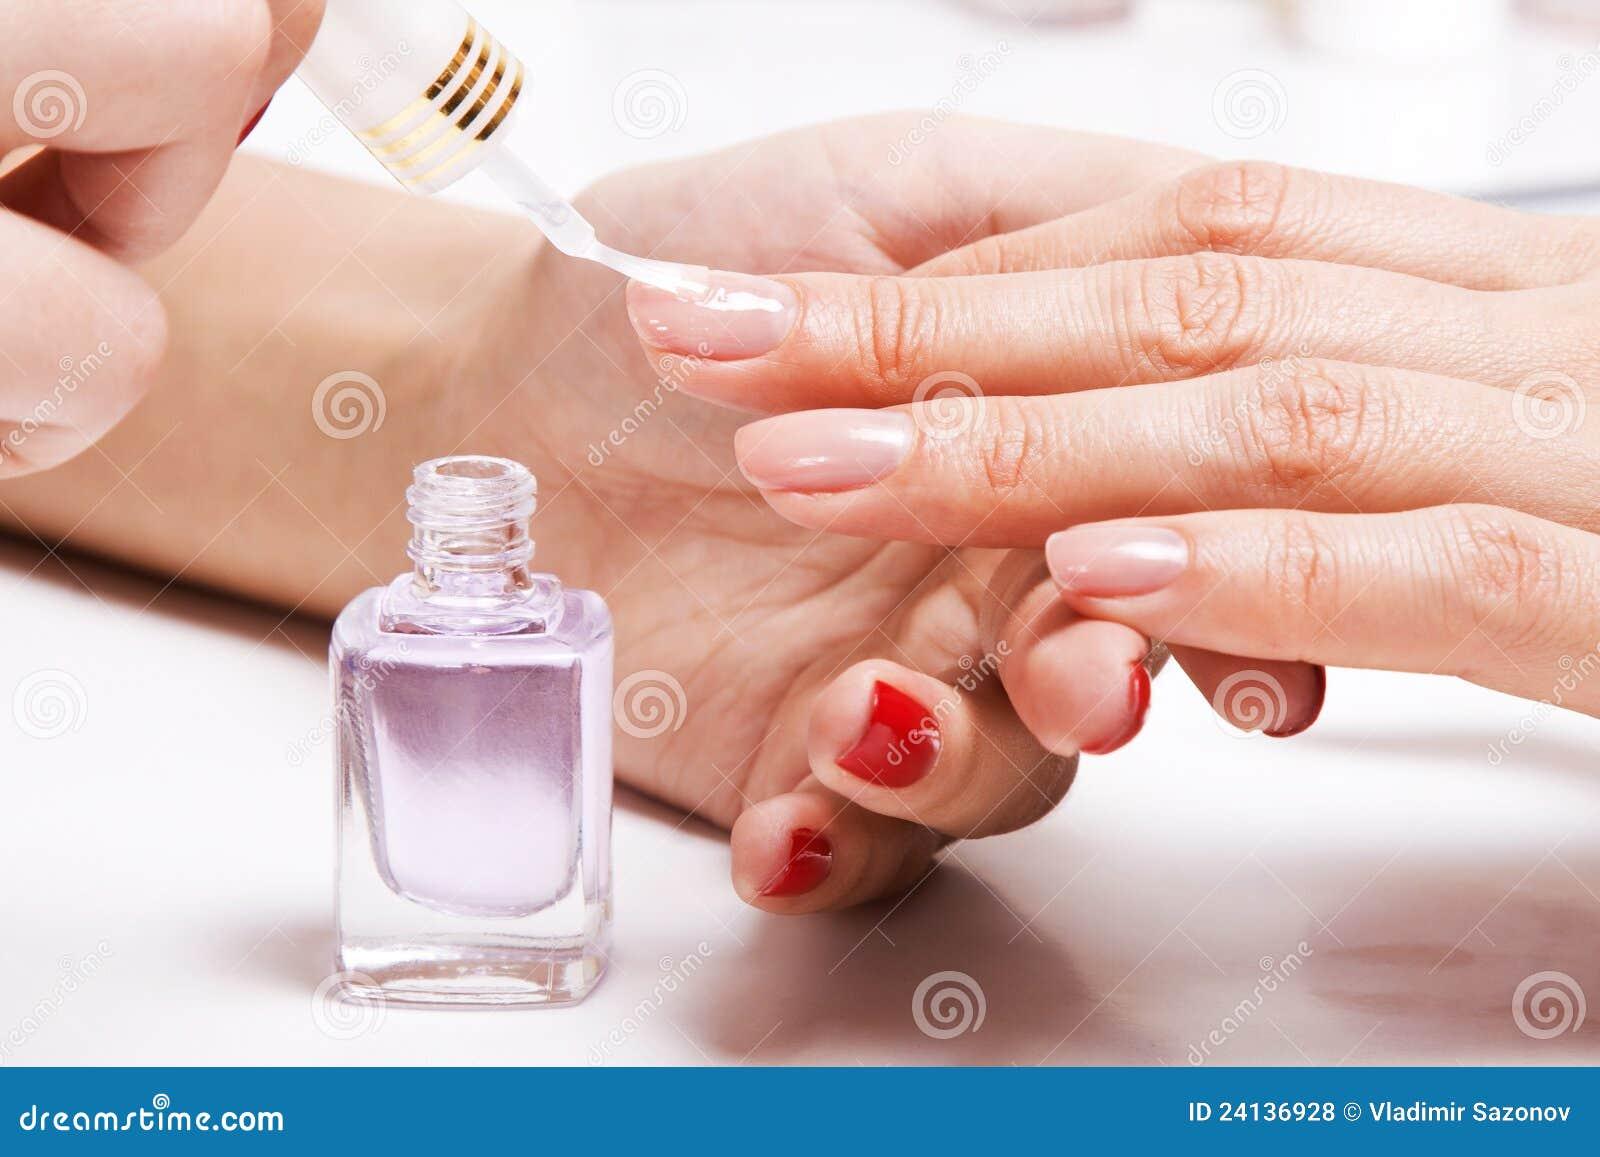 Чем оттирается лак для ногтей